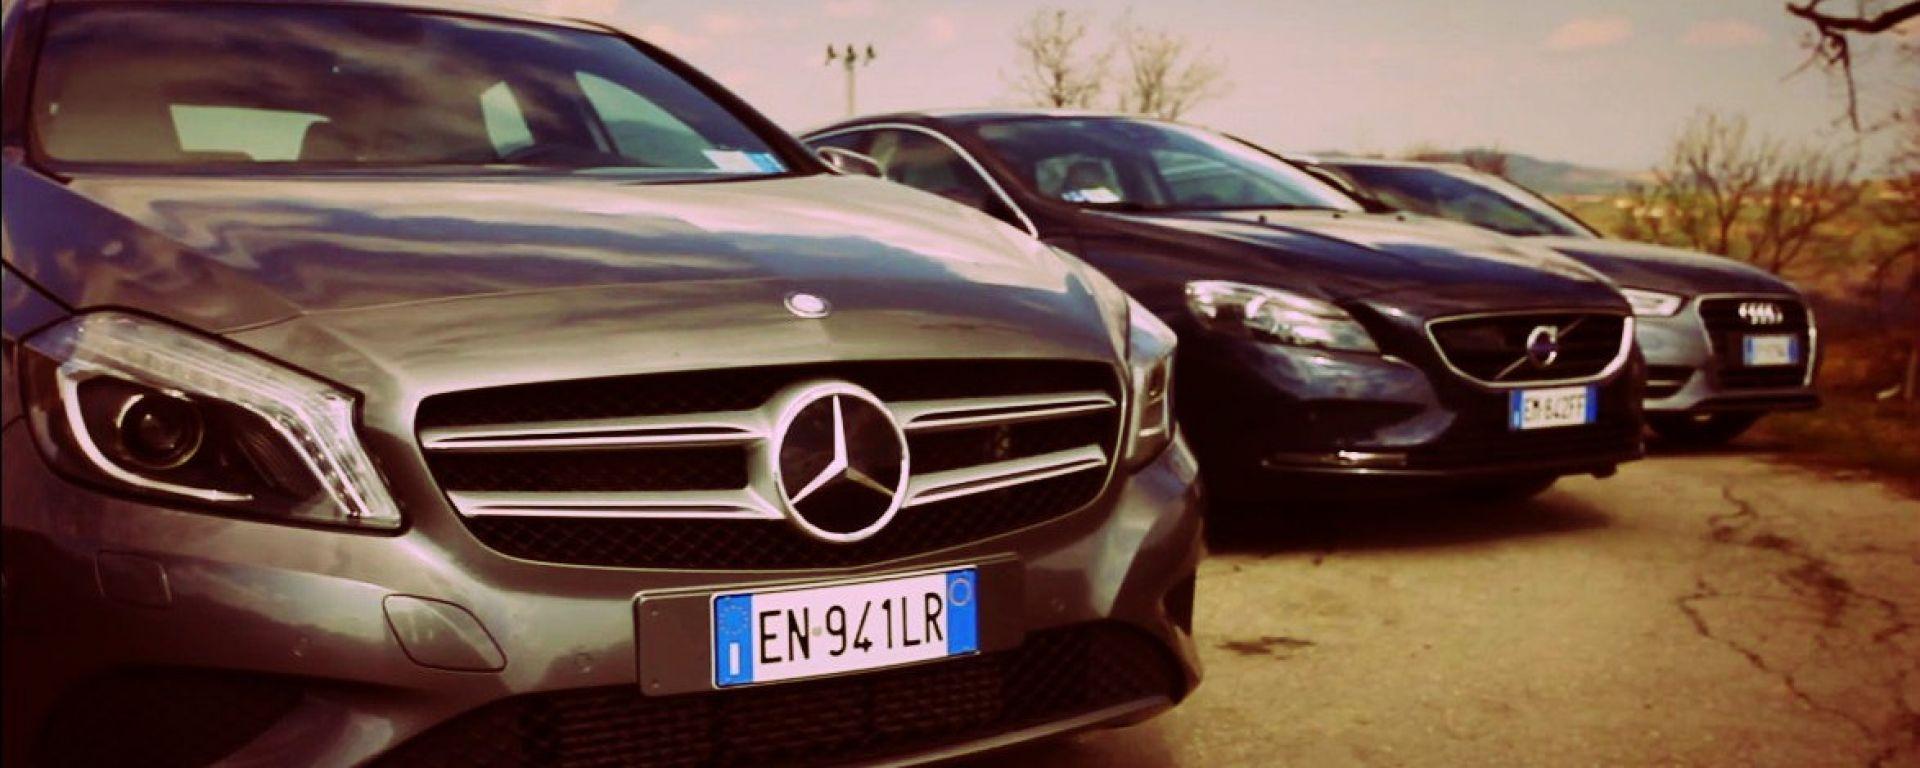 Audi A3, Mercedes Classe A, Volvo V40